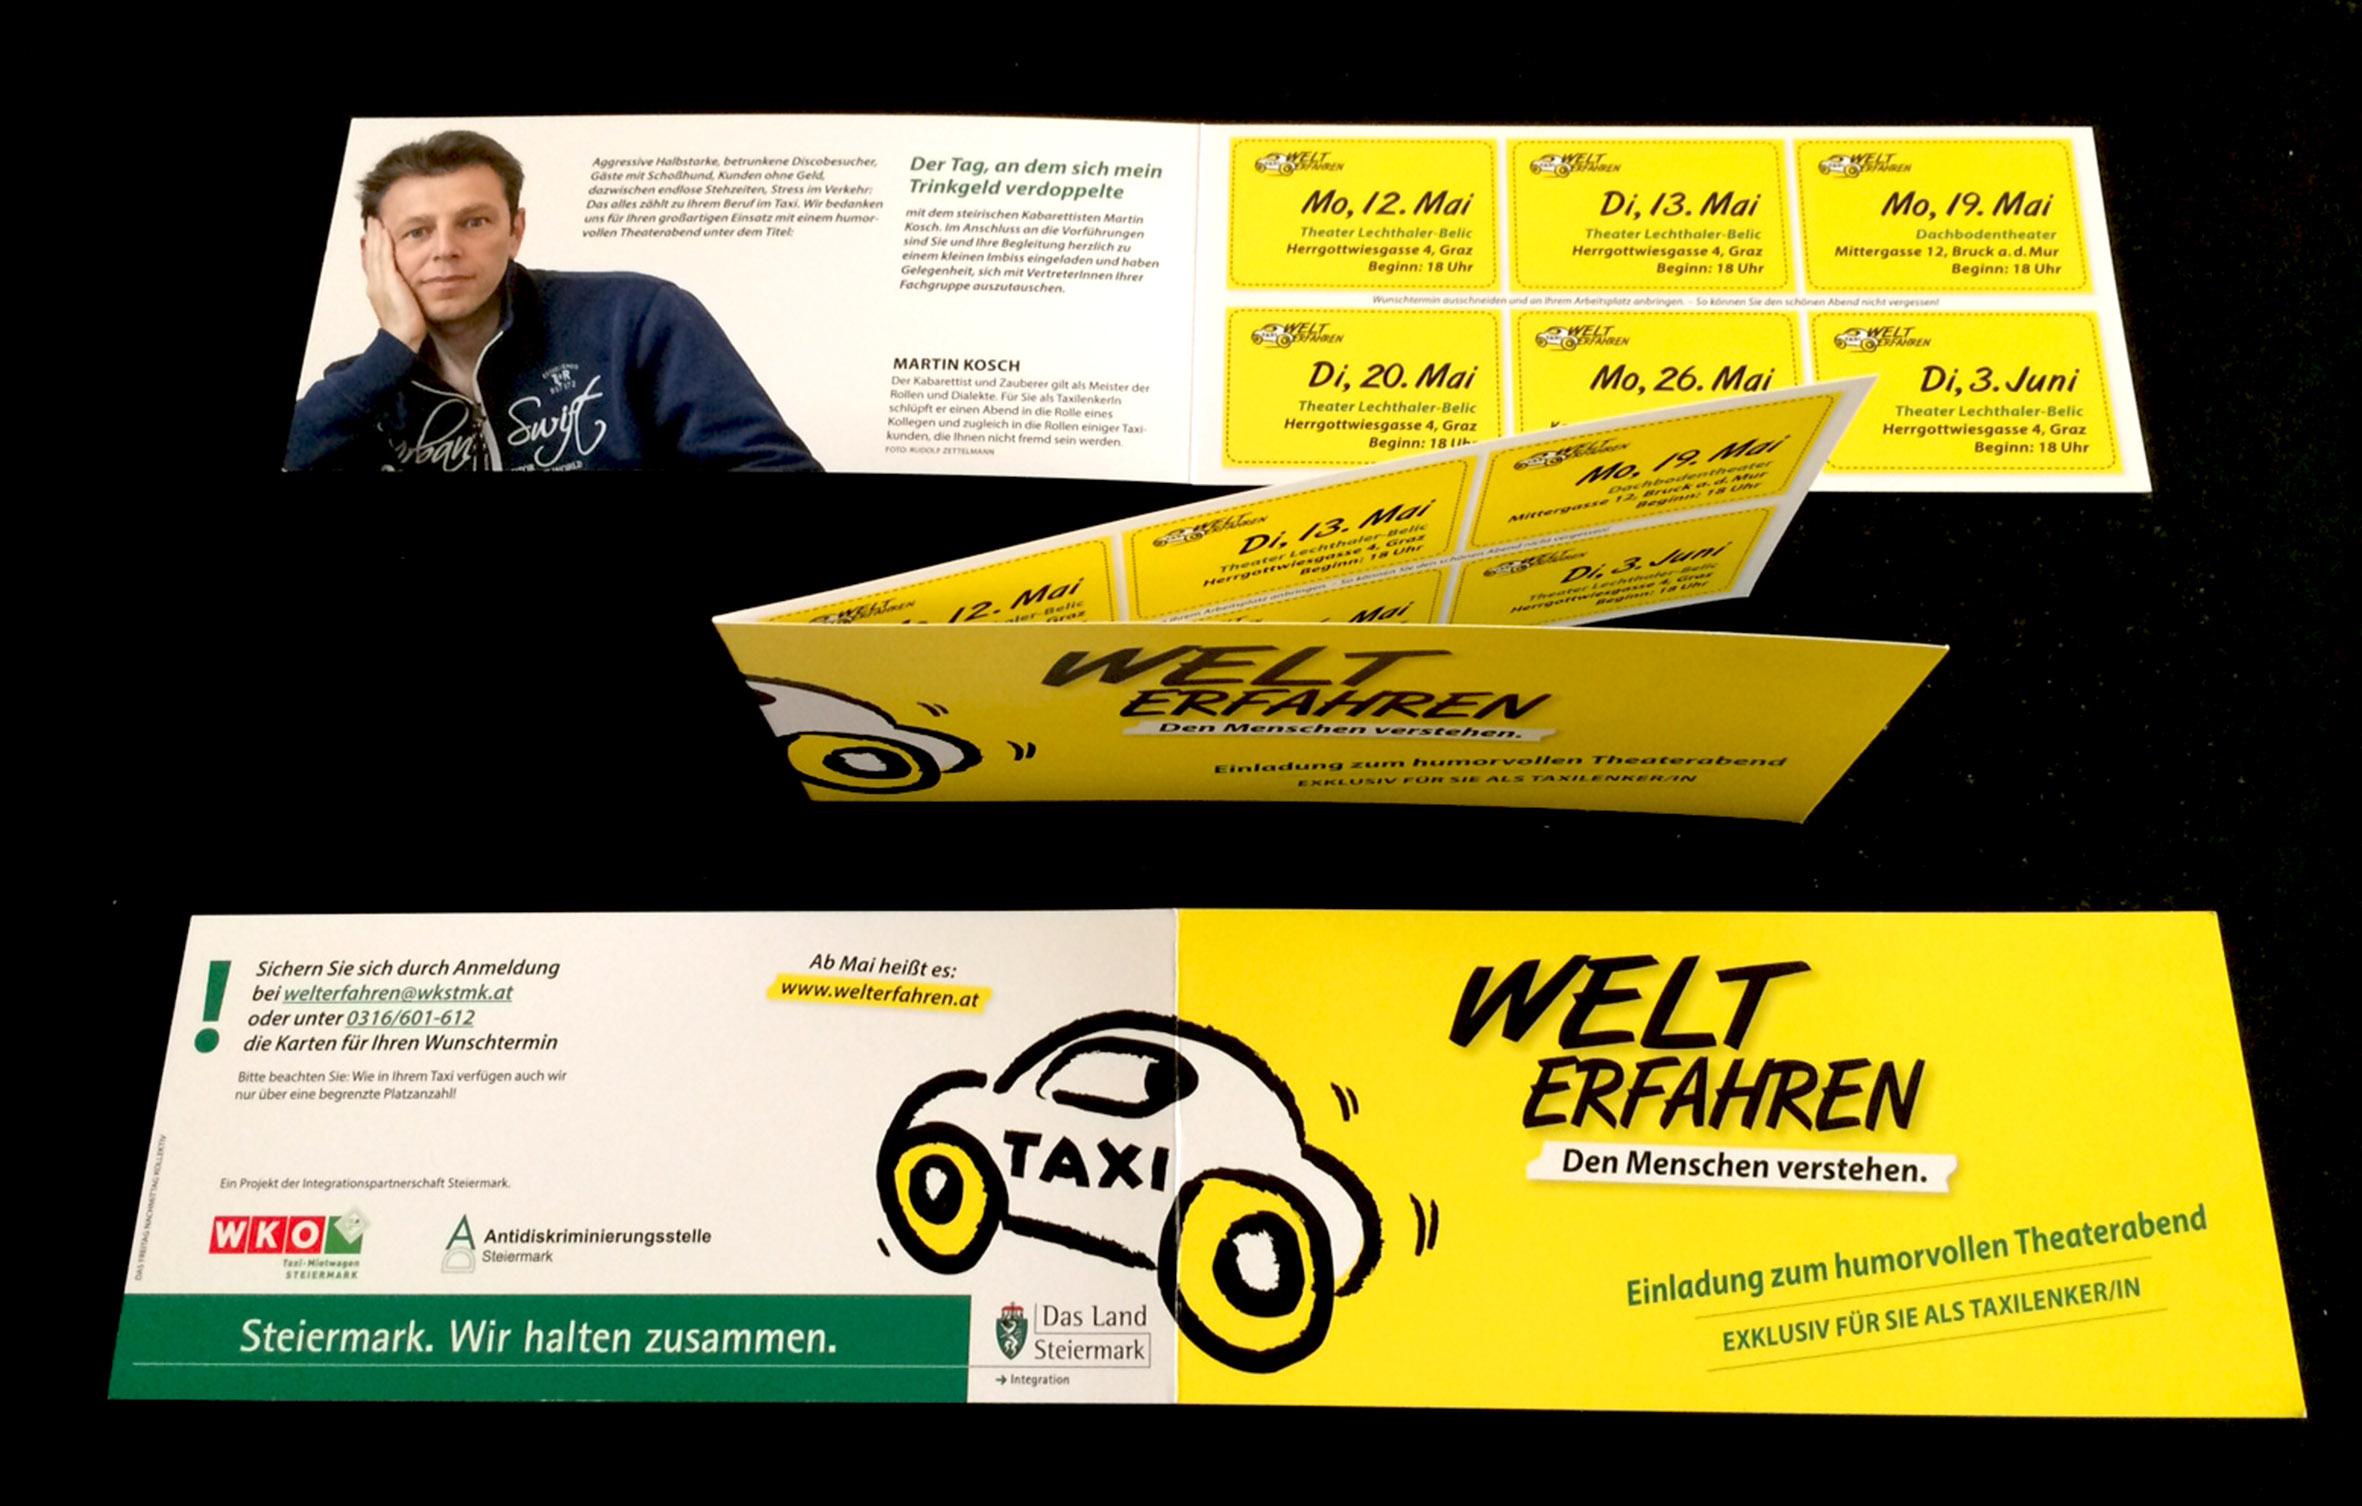 Welterfahren-Werbemittel-1-Einladung-zum-Kabarettabend